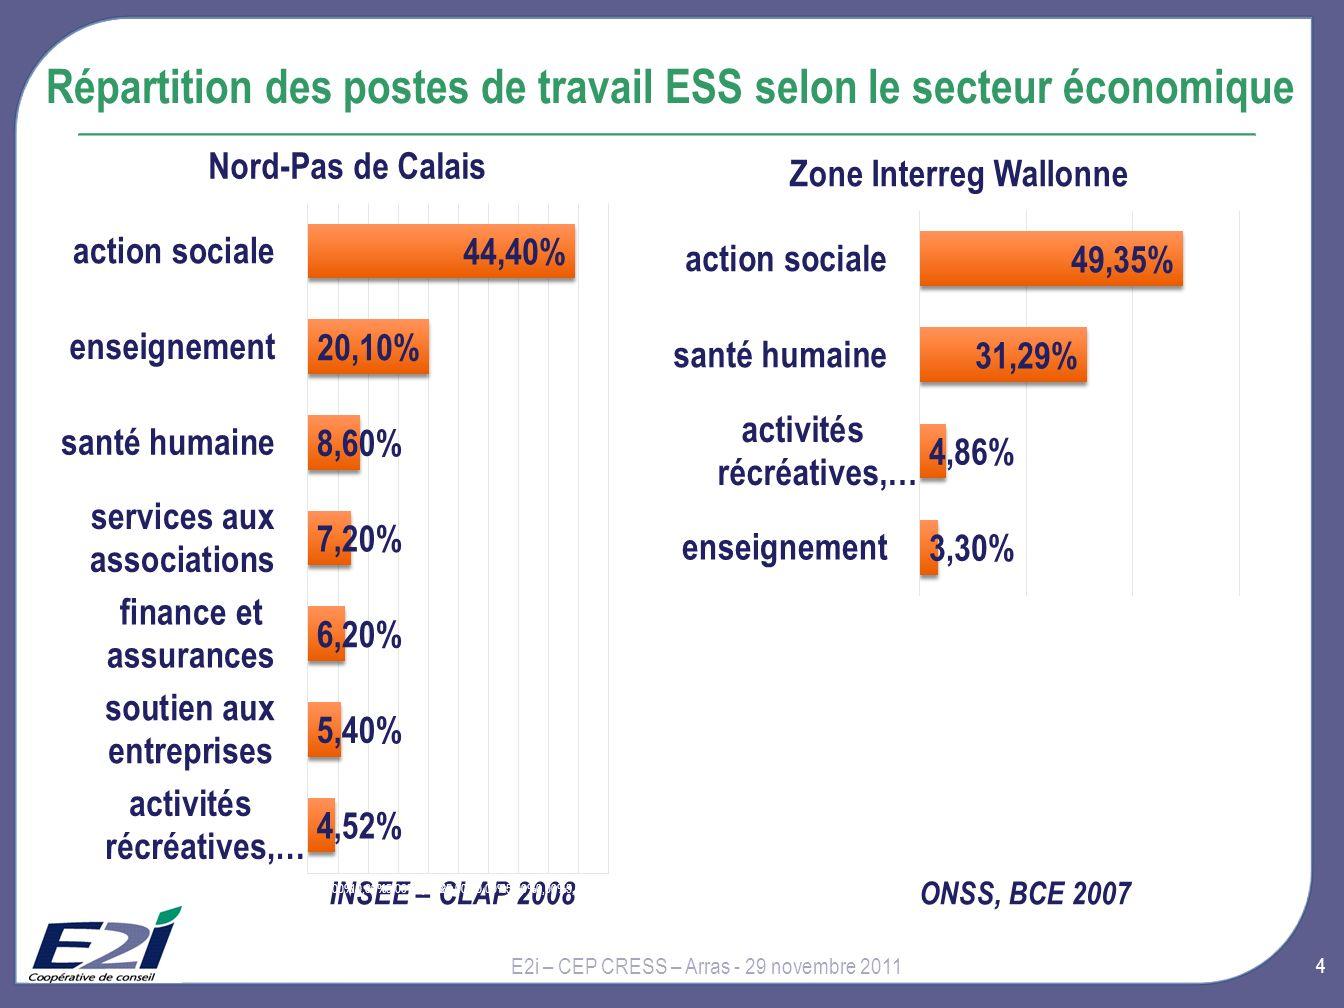 Répartition des postes de travail ESS selon le secteur économique